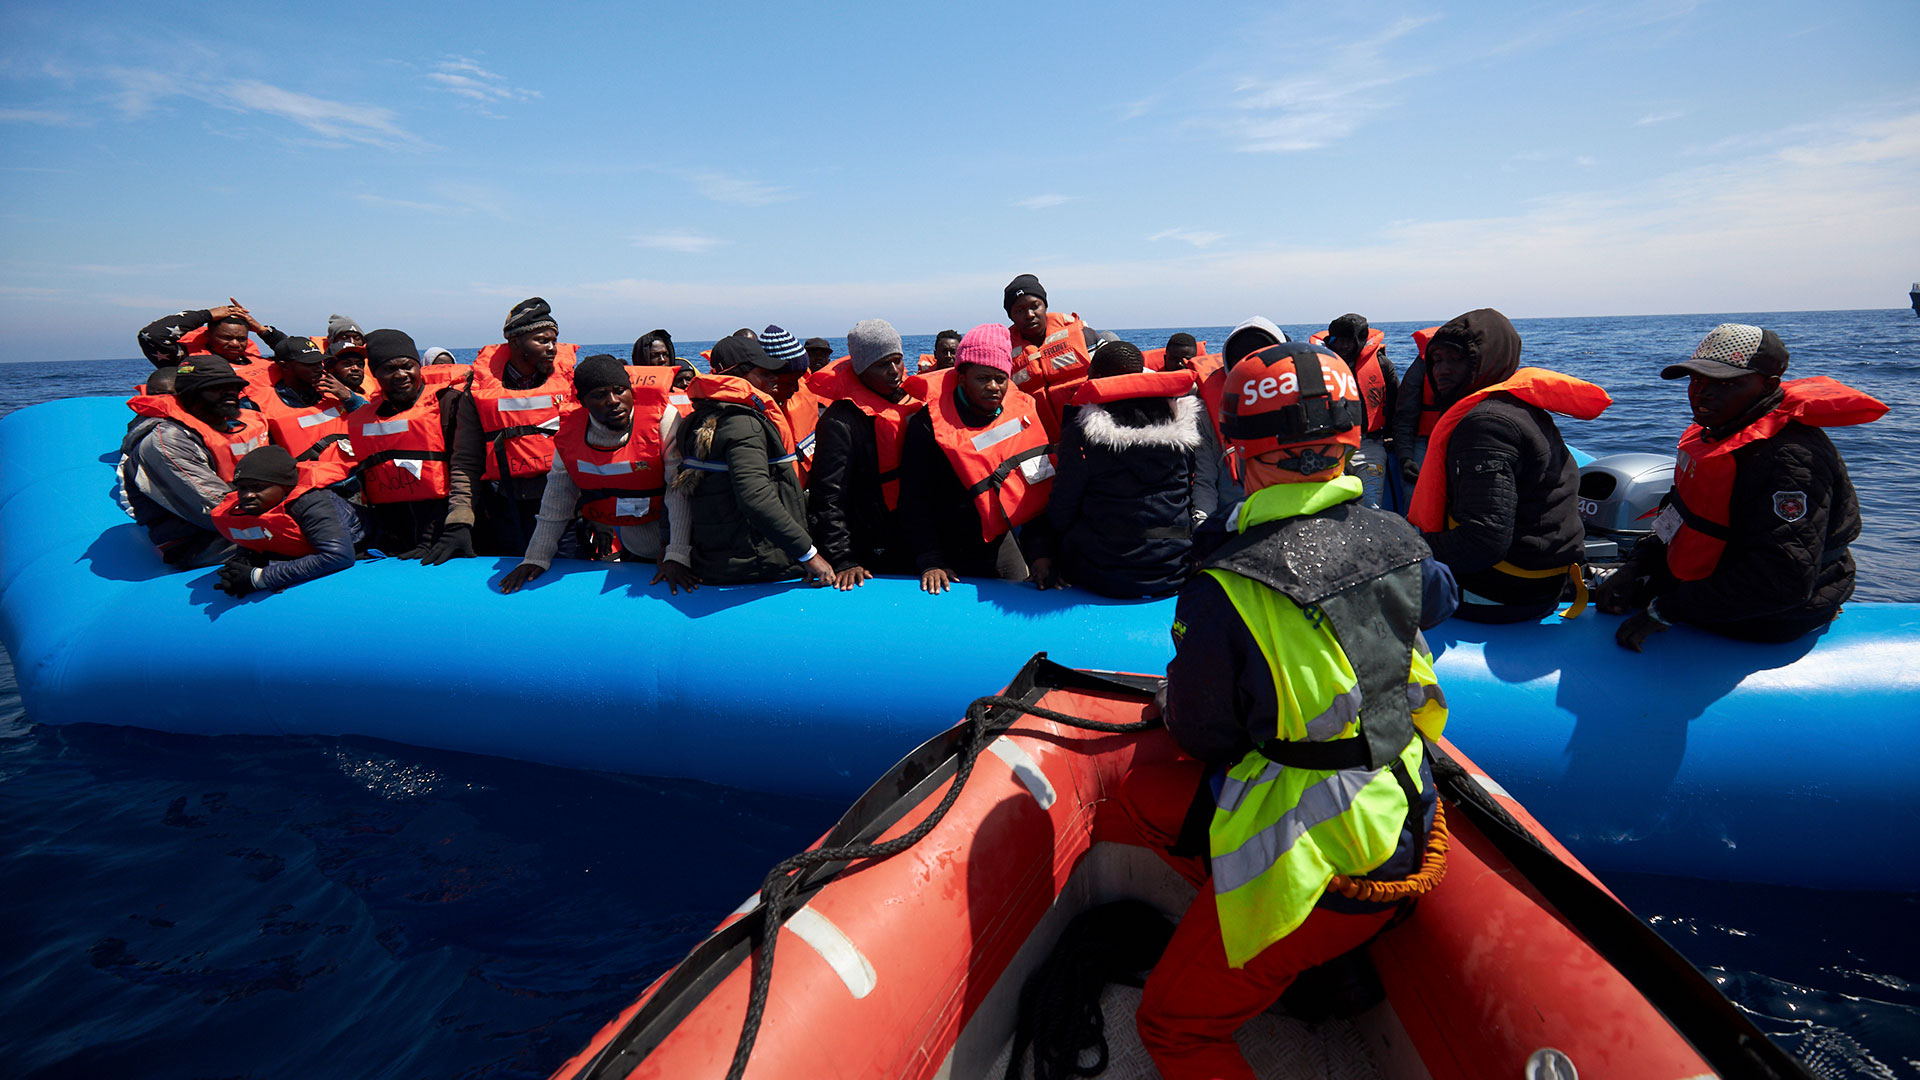 Italia niega entrada a 64 migrantes libios varados en el Mediterráneo